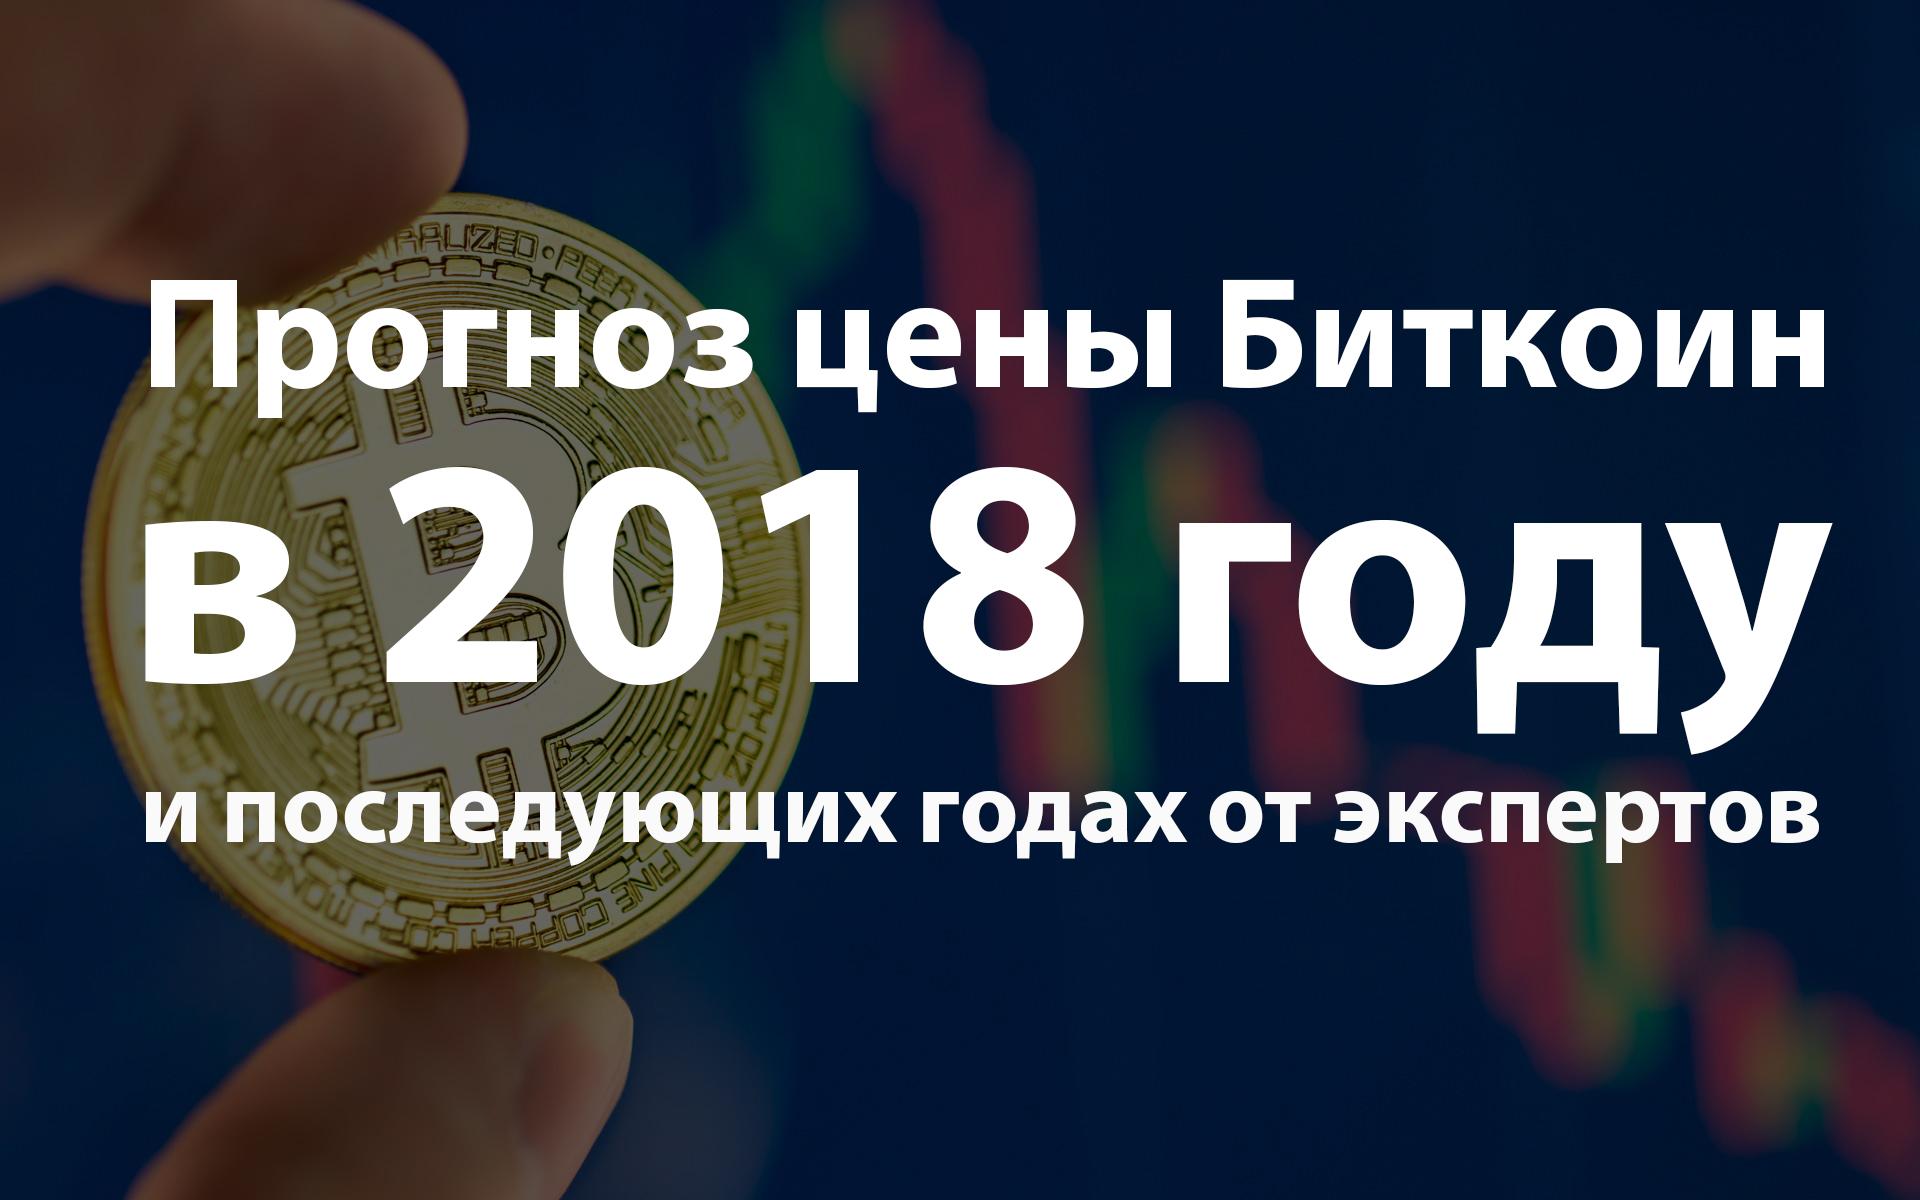 прогноз цены биткоин в 2018, 2019, 2020